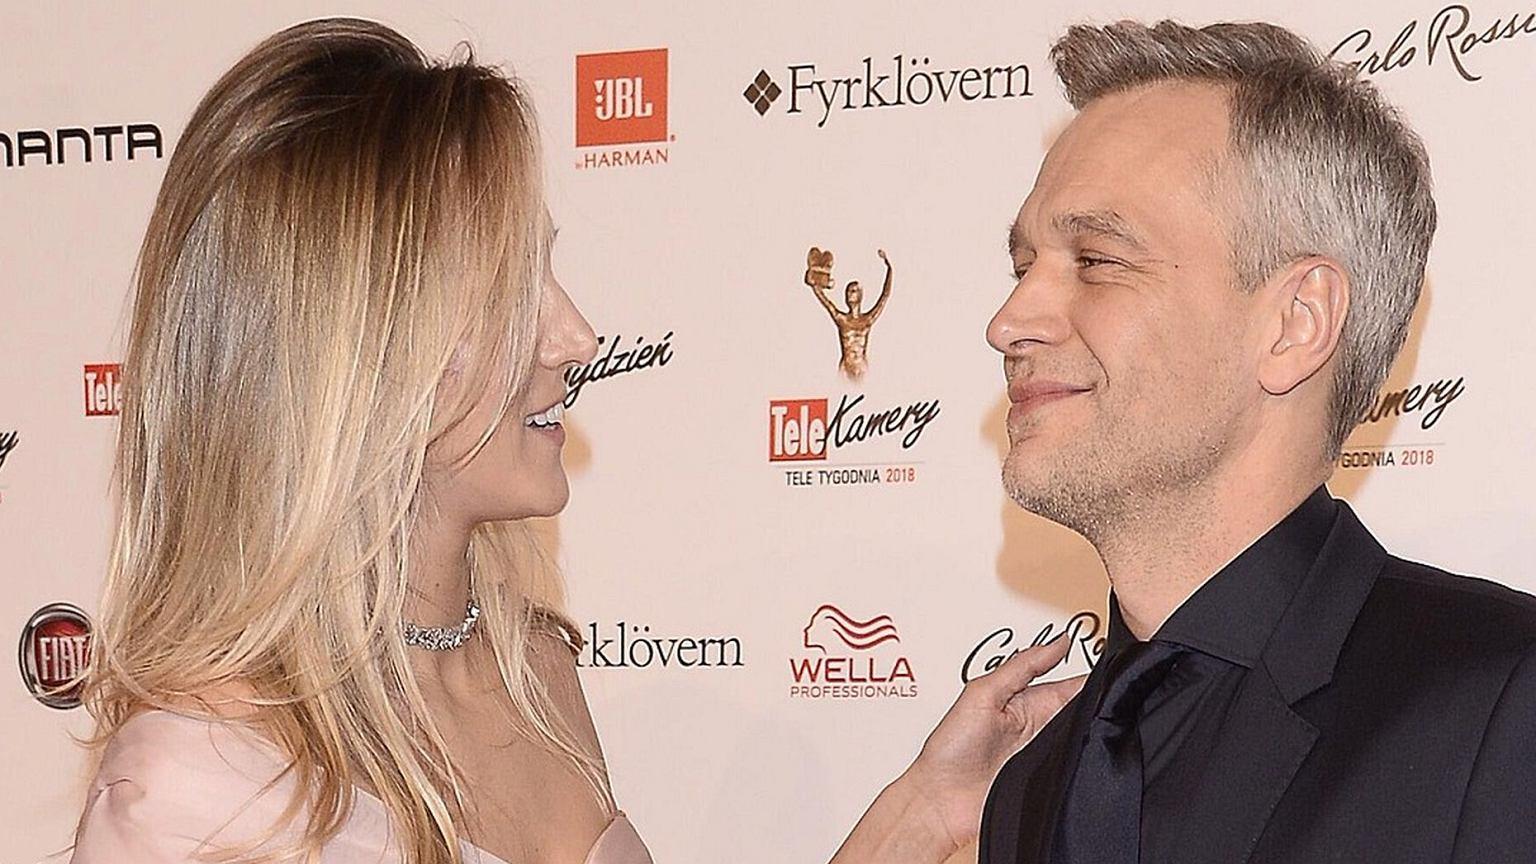 Telekamery 2018. Michał Żebrowski zdobył statuetkę, ale to jego żona błyszczała na czerwonym dywanie. Spójrzcie na dół sukni